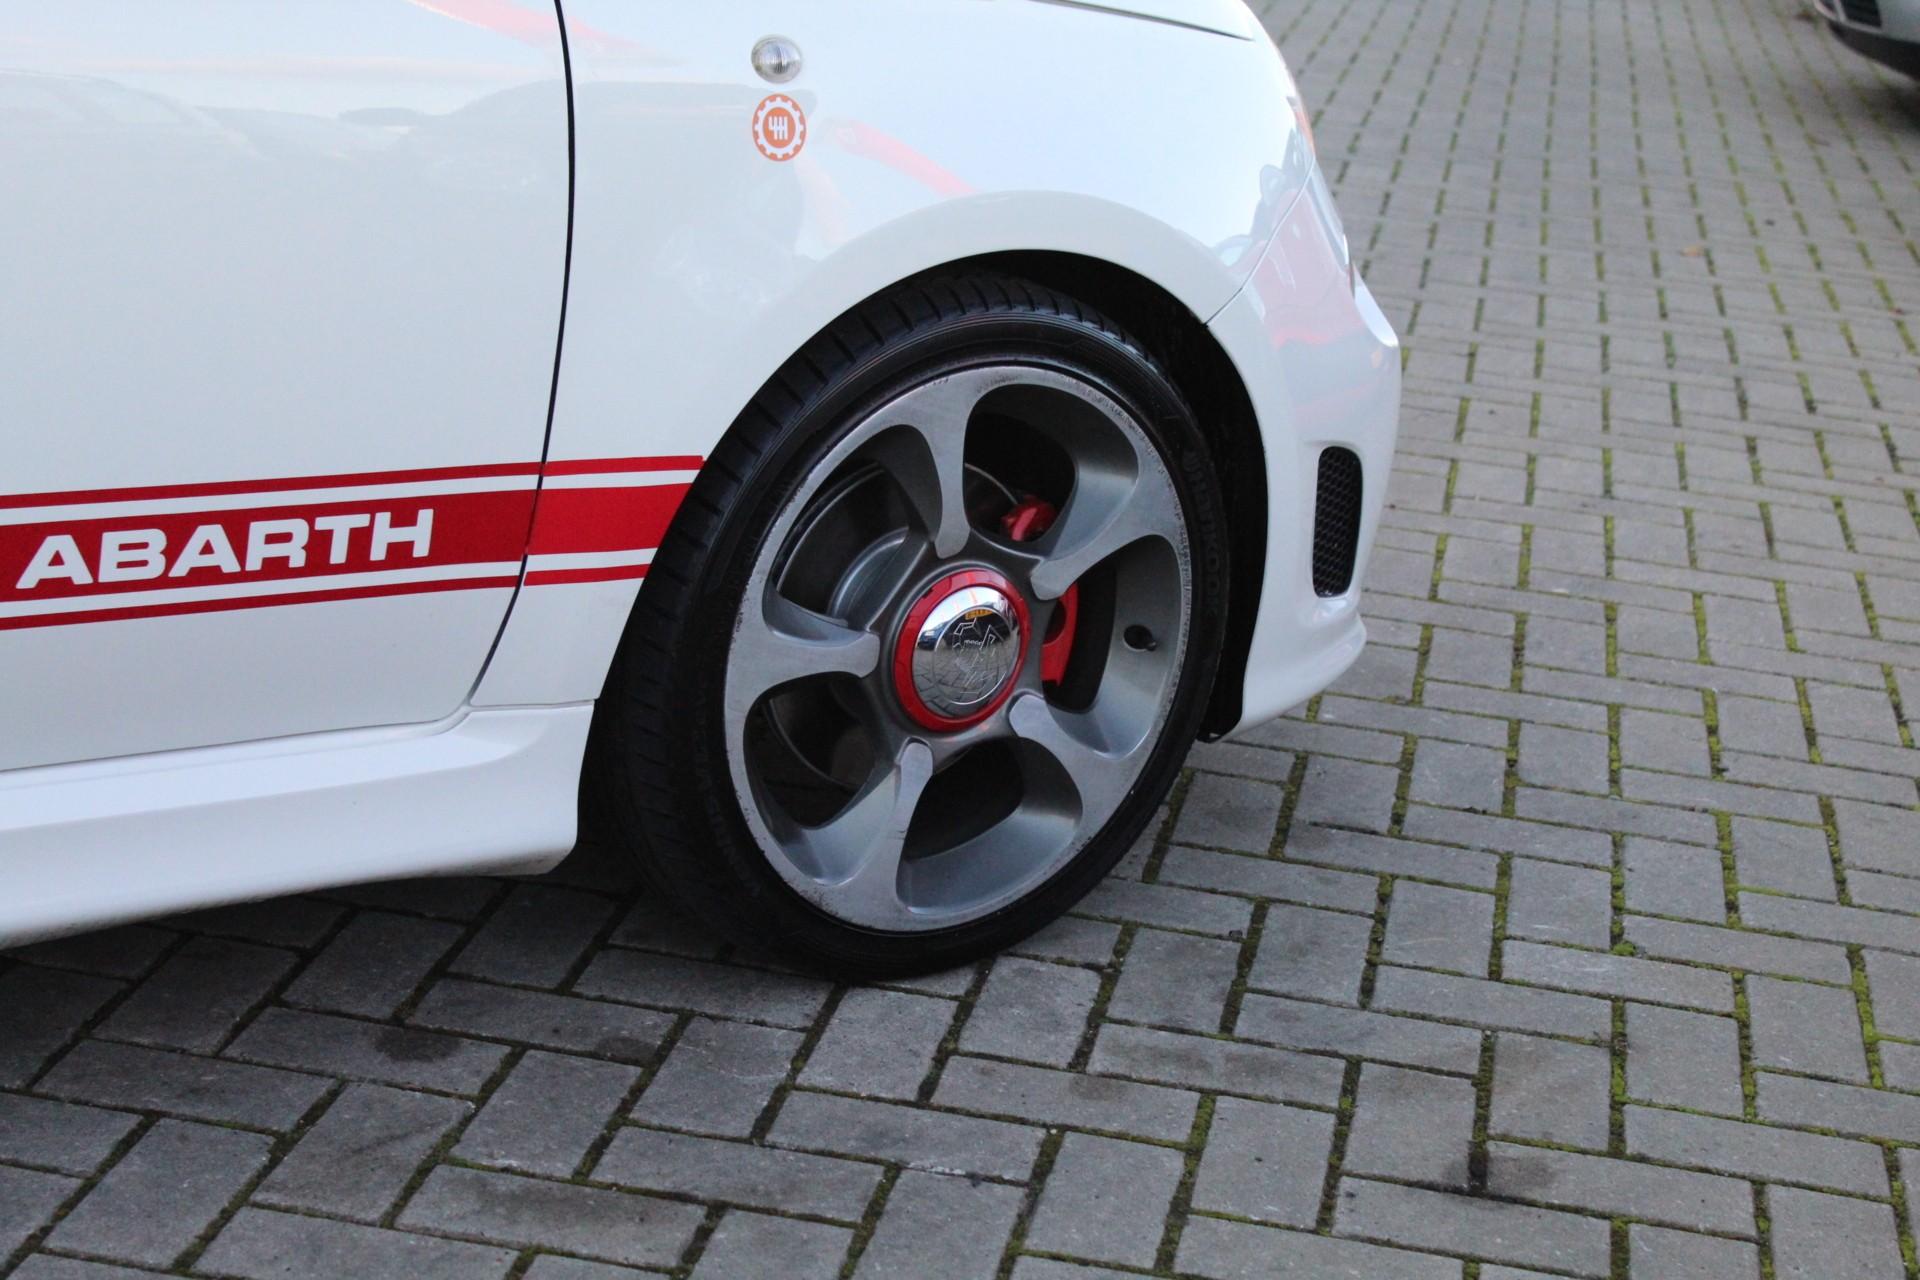 Caroutlet Groningen - Abarth Fiat 500 1.4T-16V 135PK | RVS UITLAAT | LEDER | CLIMA